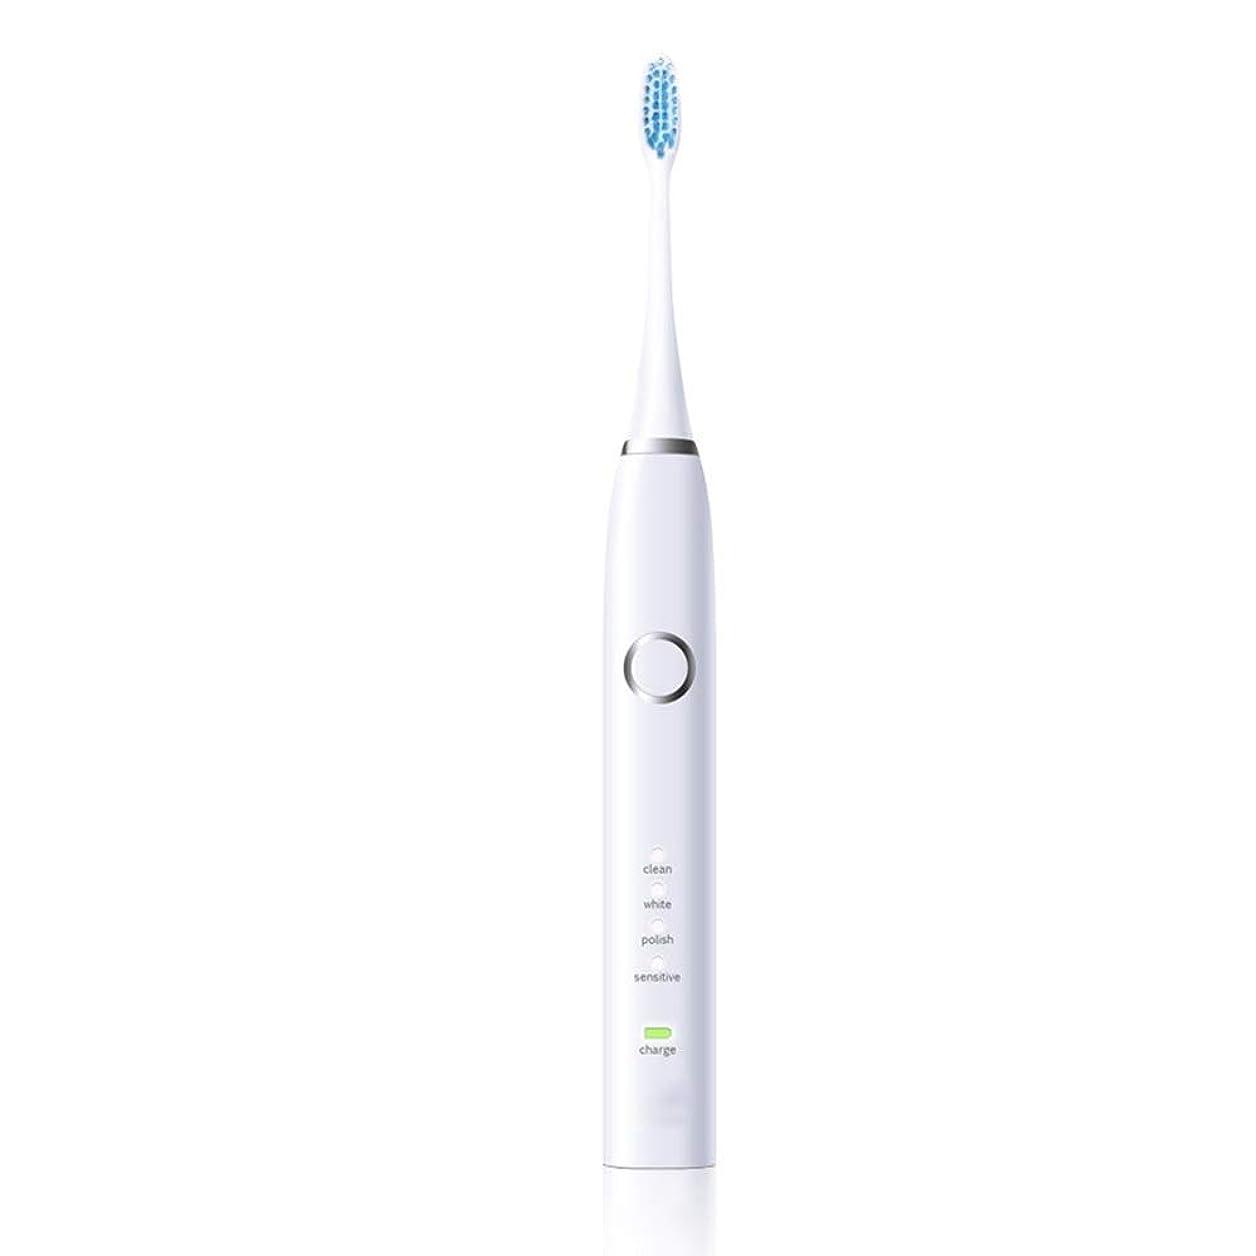 クランシーエイズトランク電動歯ブラシ 毎日の使用のための電動歯ブラシUSBの再充電可能な保護きれいな歯ブラシ 大人と子供向け (色 : 白, サイズ : Free size)